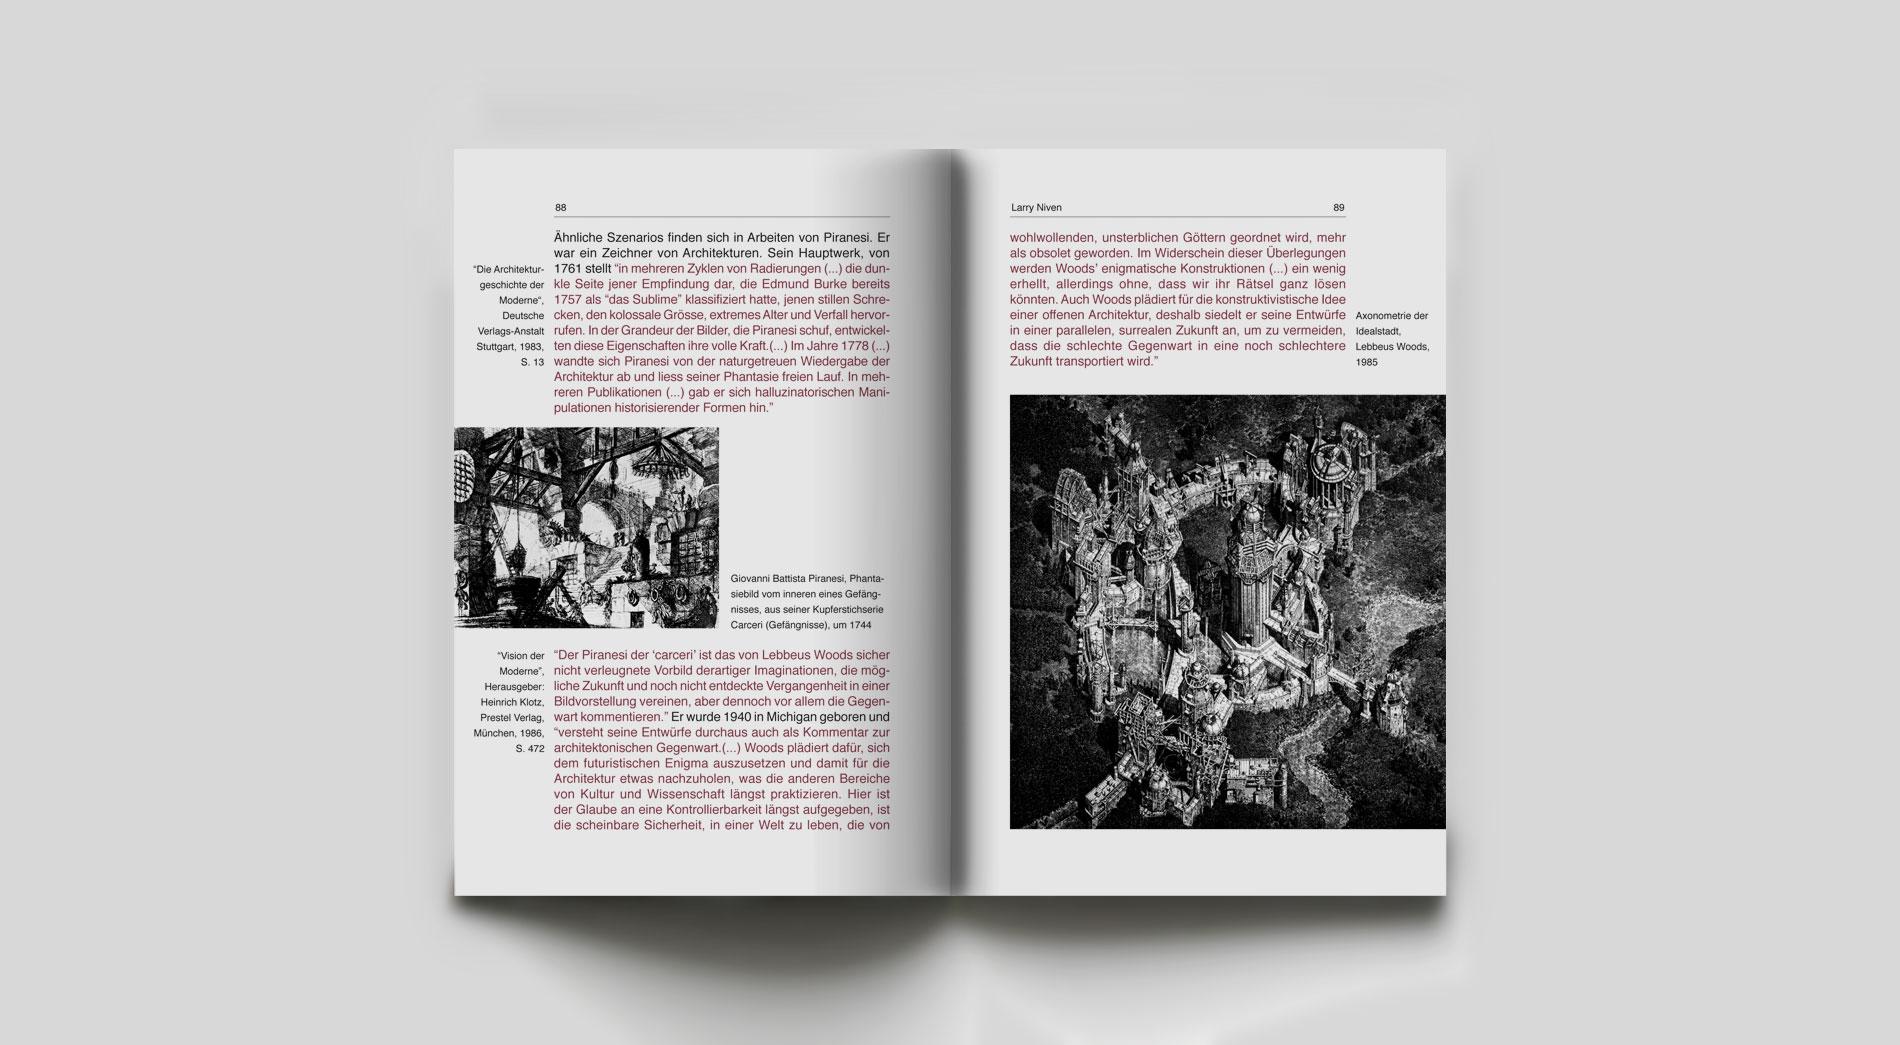 Buch Architektur   Buch Architektur Im Weltraum Entzucken